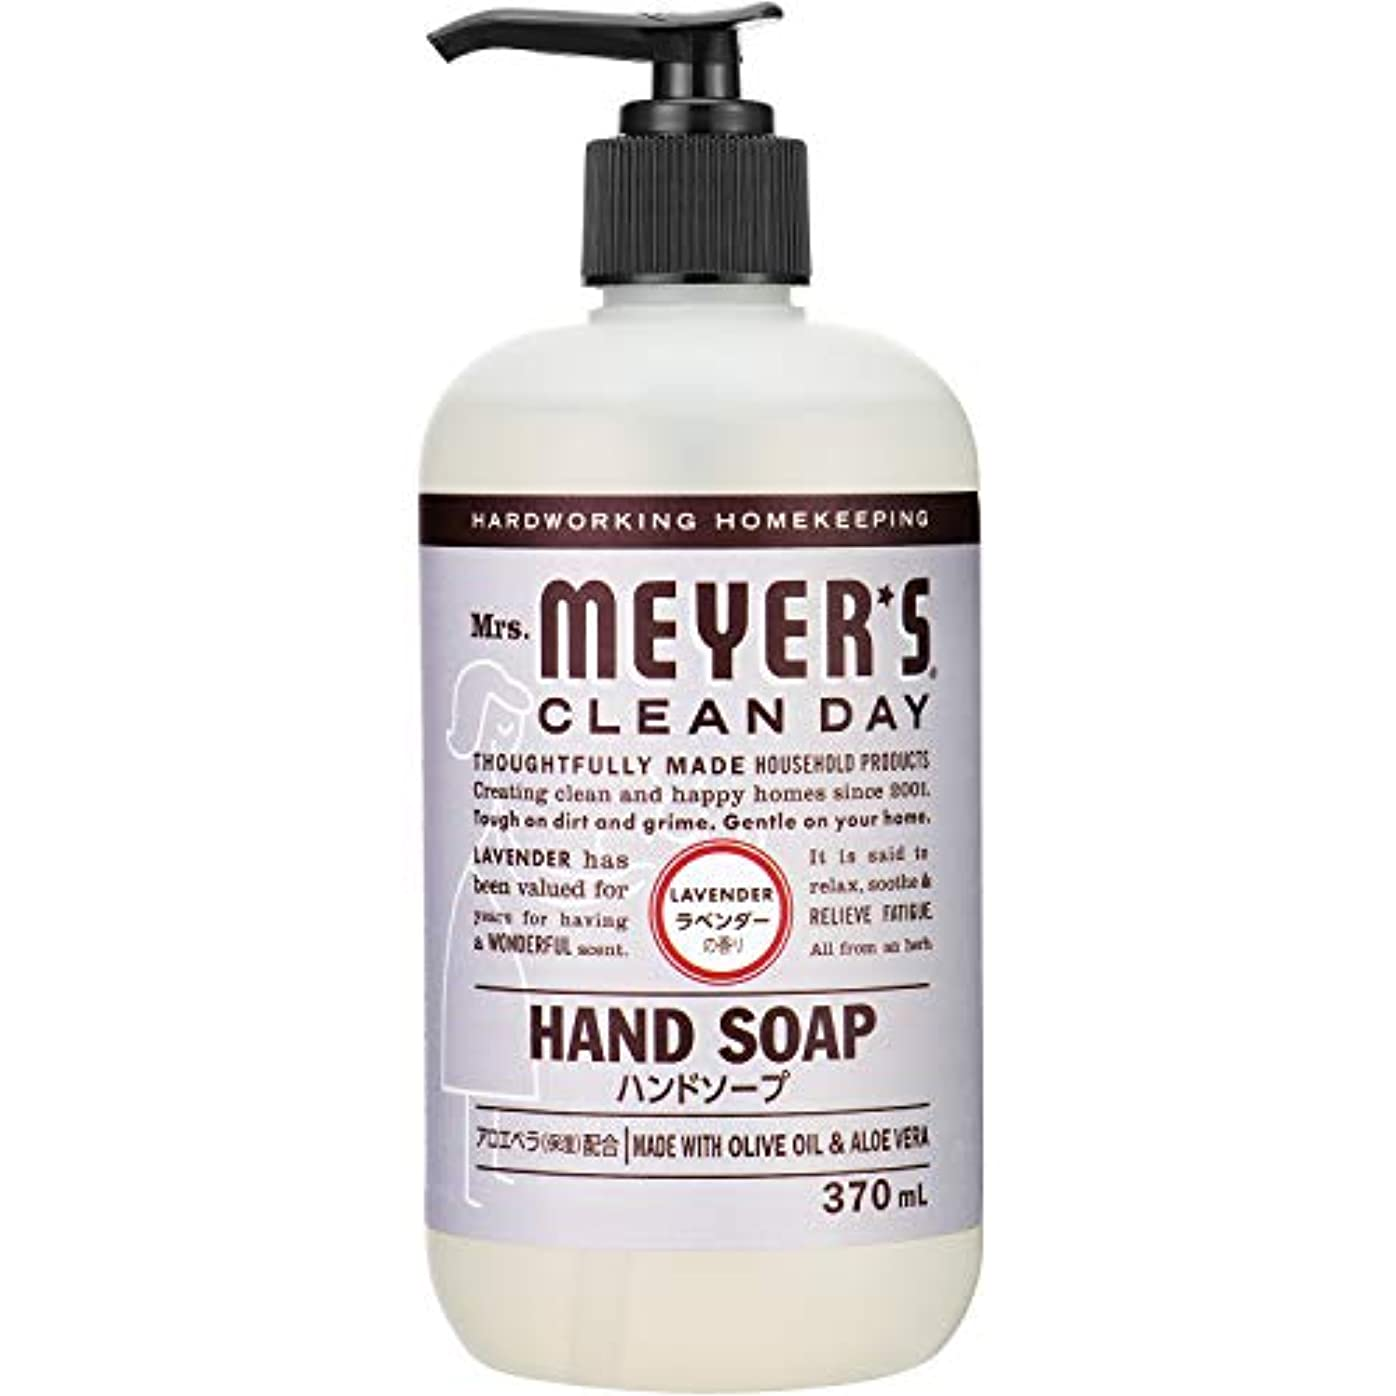 救出山積みのスーパーマーケットMrs. MEYER'S CLEAN DAY(ミセスマイヤーズ クリーンデイ) ミセスマイヤーズ クリーンデイ(Mrs.Meyers Clean Day) ハンドソープ ラベンダーの香り 370ml